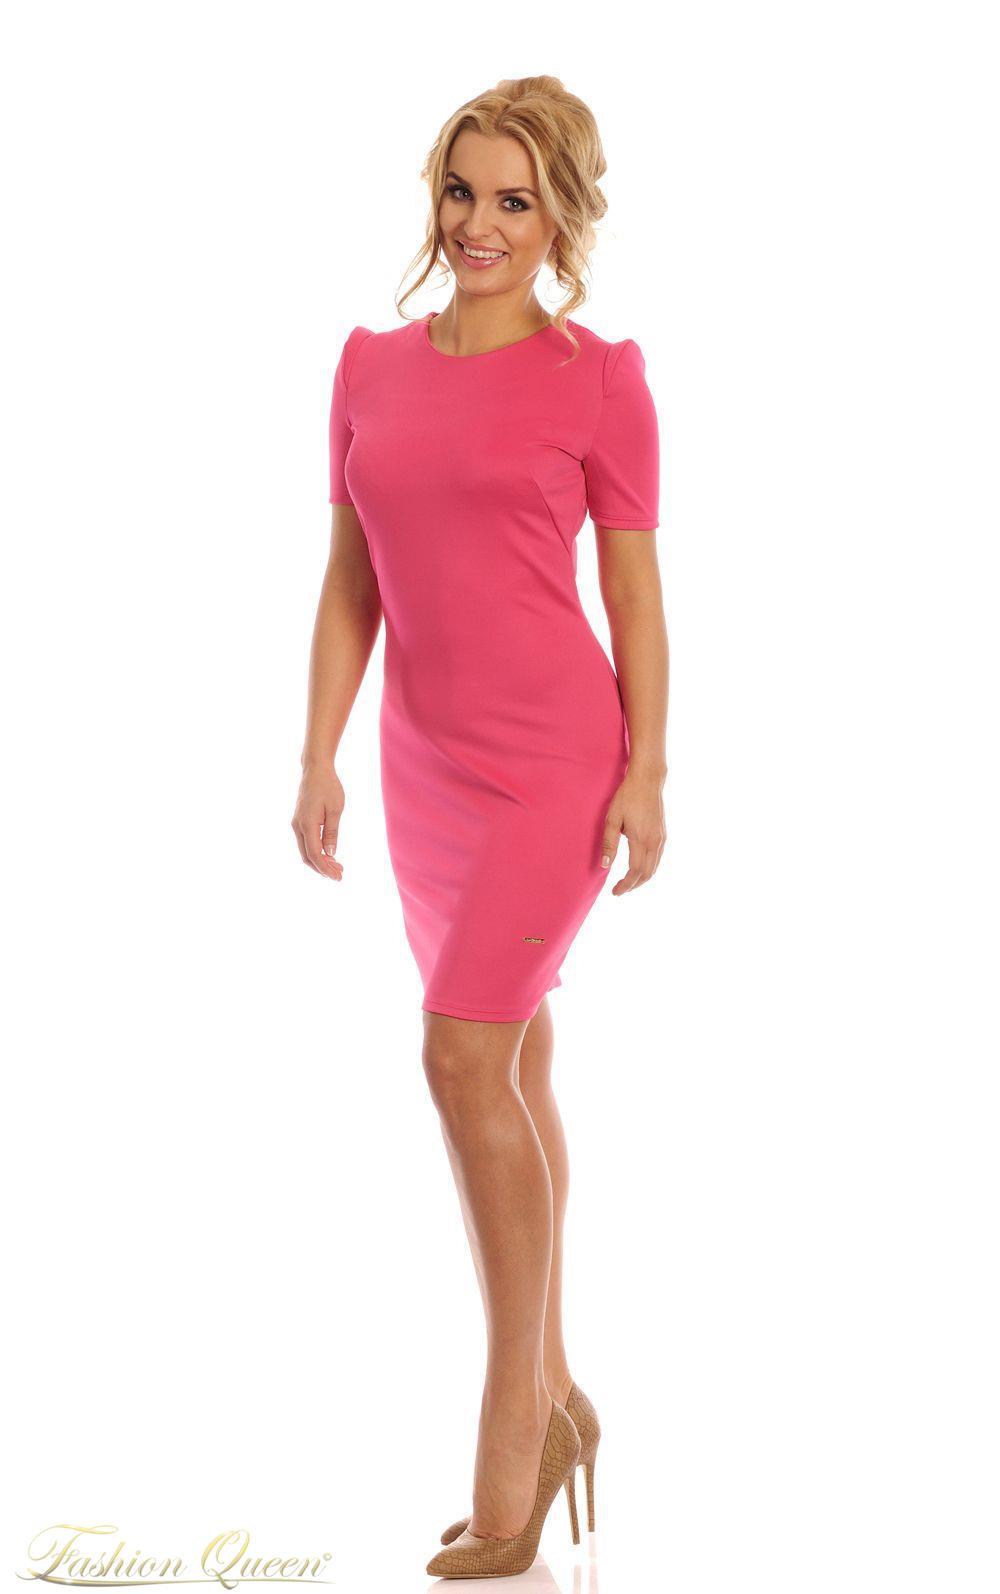 fd480e3b88ef Fashion Queen - Dámske oblečenie a móda - Elegantné šaty s rukávom